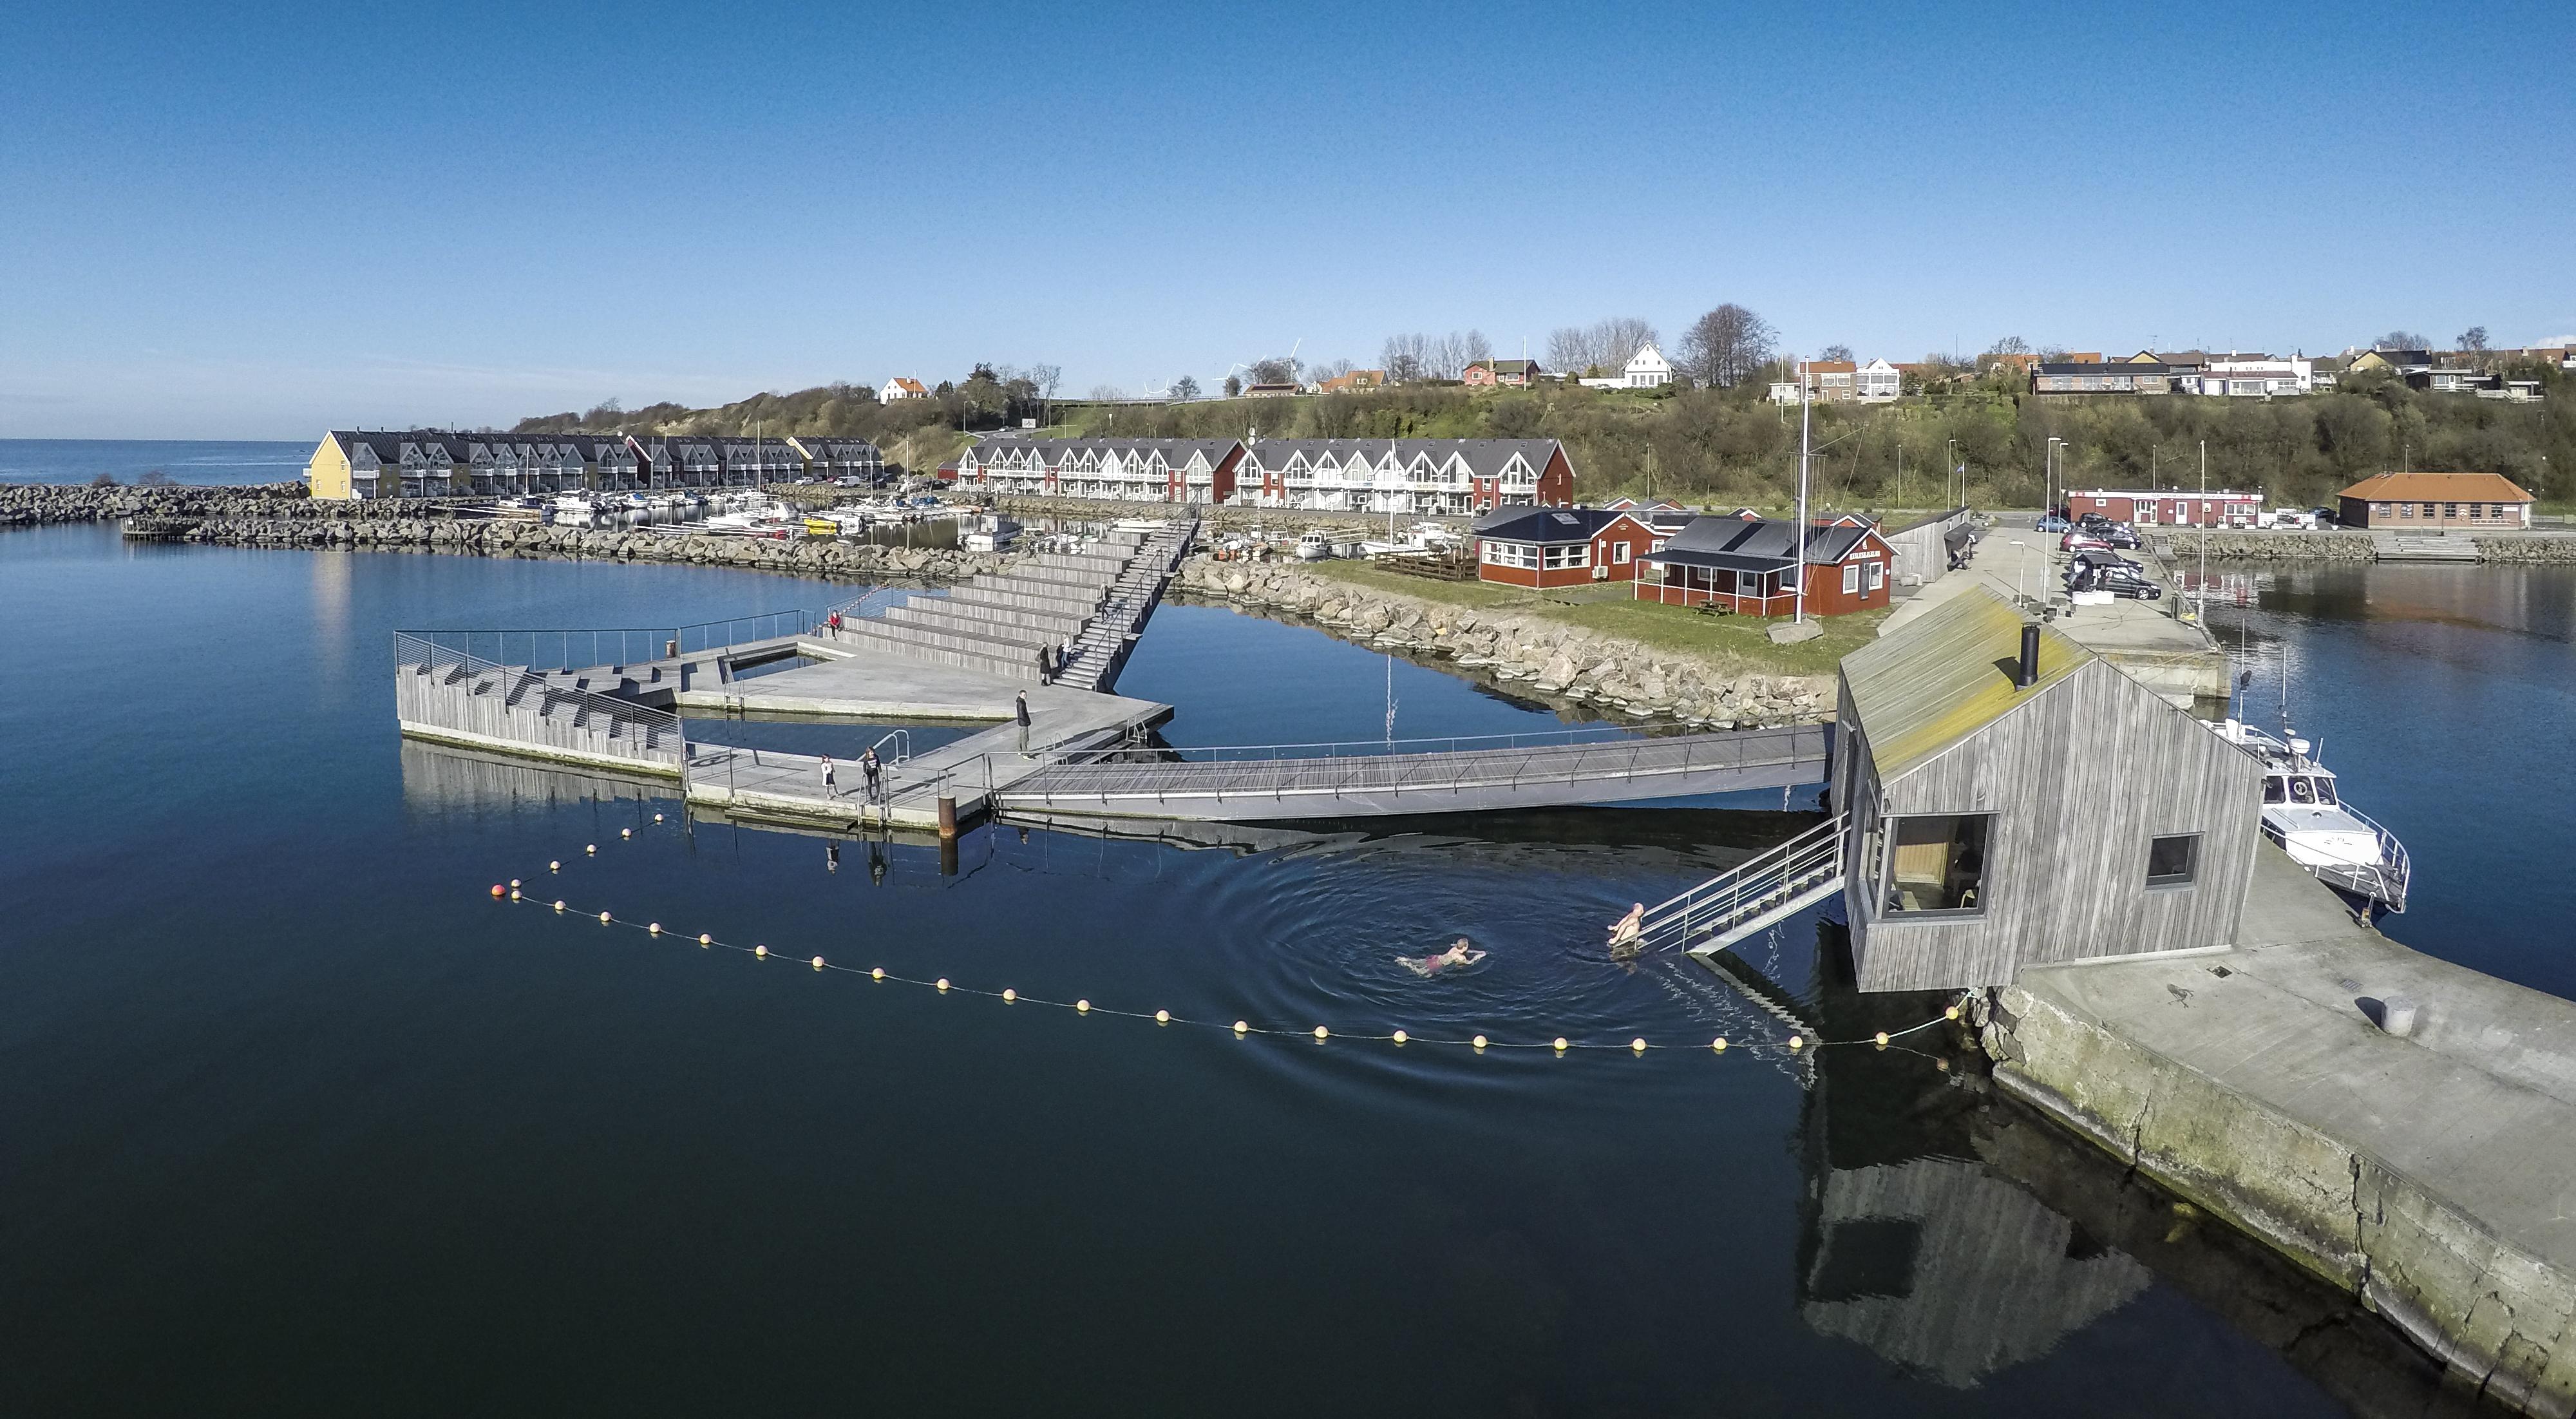 Hasle Havnebad på Bornholm